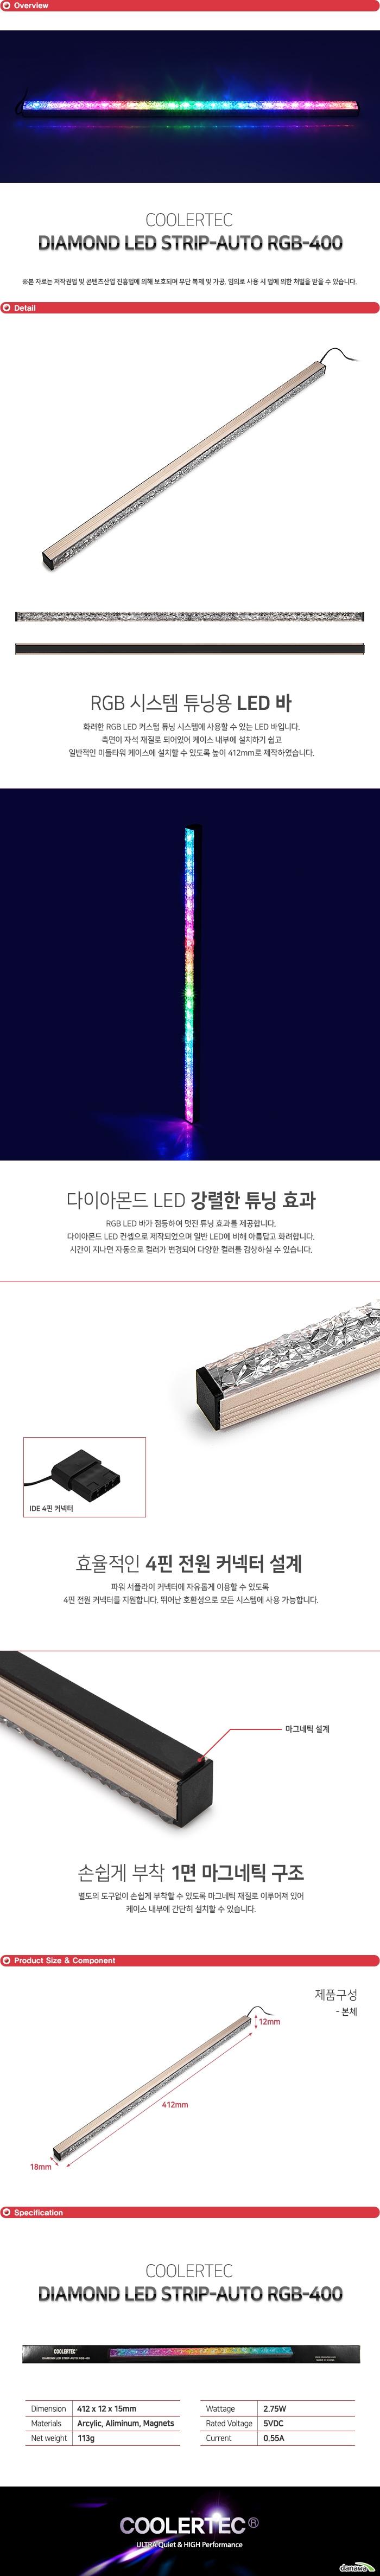 화려한 RGB LED 커스텀 튜닝 시스템에 사용할 수 있는 LED 바입니다. 측면이 자석 재질로 되어있어 케이스 내부에 설치하기 쉽고 일반적인 미들타워 케이스에 설치할 수 있도록 높이 412mm로 제작하였습니다.  RGB LED 바가 점등하여 멋진 튜닝 효과를 제공합니다. 다이아몬드 LED 컨셉으로 제작되었으며 일반 LED에 비해 아름답고 화려합니다. 시간이 지나면 자동으로 컬러가 변경되어 다양한 컬러를 감상하실 수 있습니다.  메인보드 팬 커넥터 및 파워 서플라이 커넥터에 자유롭게 이용할 수 있도록  4핀 전원 커넥터를 지원합니다. 뛰어난 호환성으로 모든 시스템에 사용 가능합니다.   별도의 도구없이 손쉽게 부착할 수 있도록 마그네틱 재질로 이루어져 있어 케이스 내부에 간단히 설치할 수 있습니다.